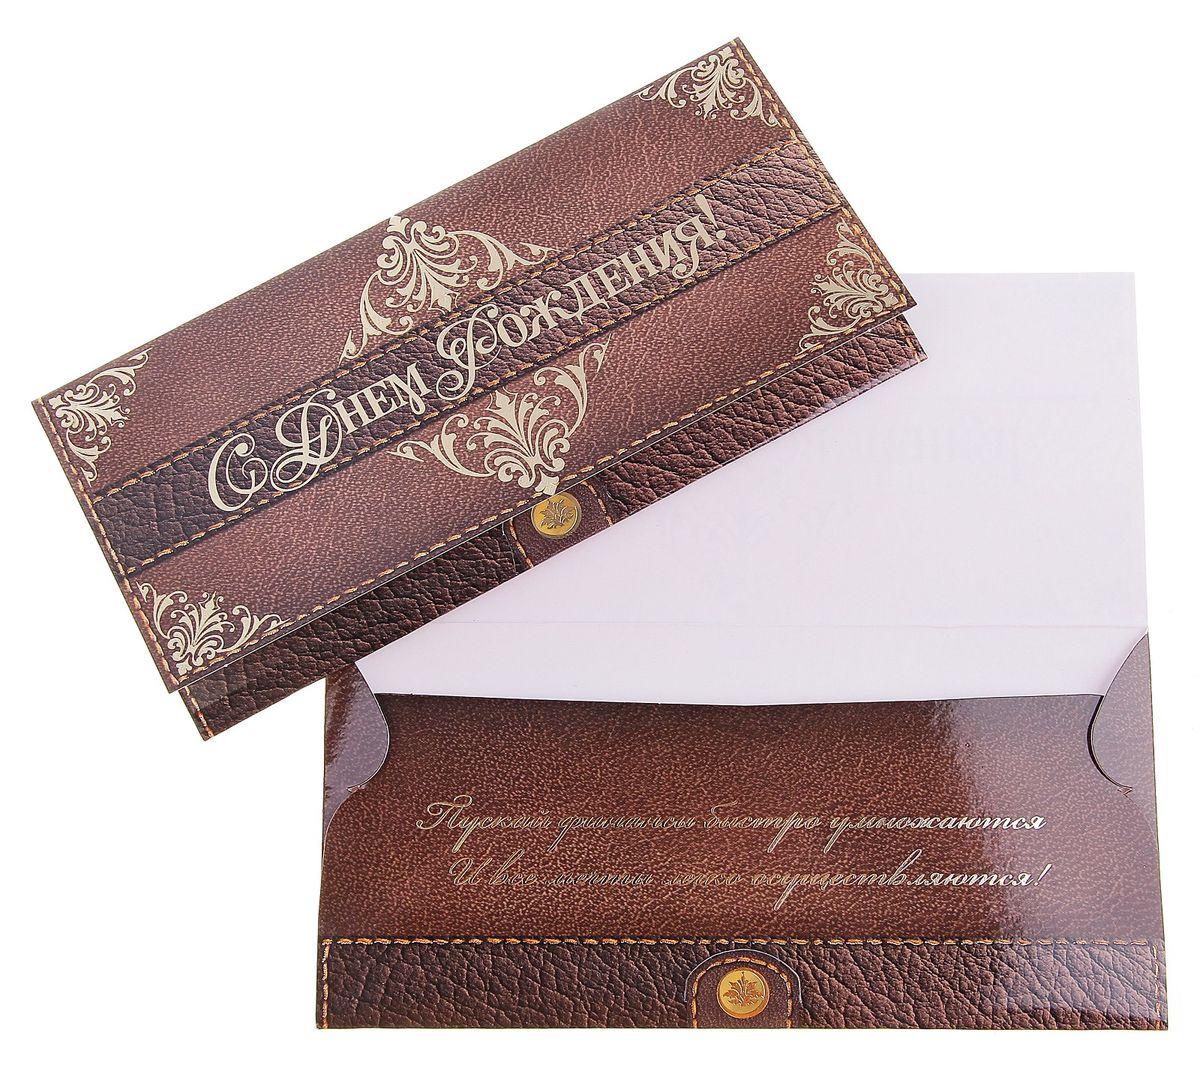 Конверт для денег С днем рождения!. 783940 конверт для денег с днем рождения 1092050